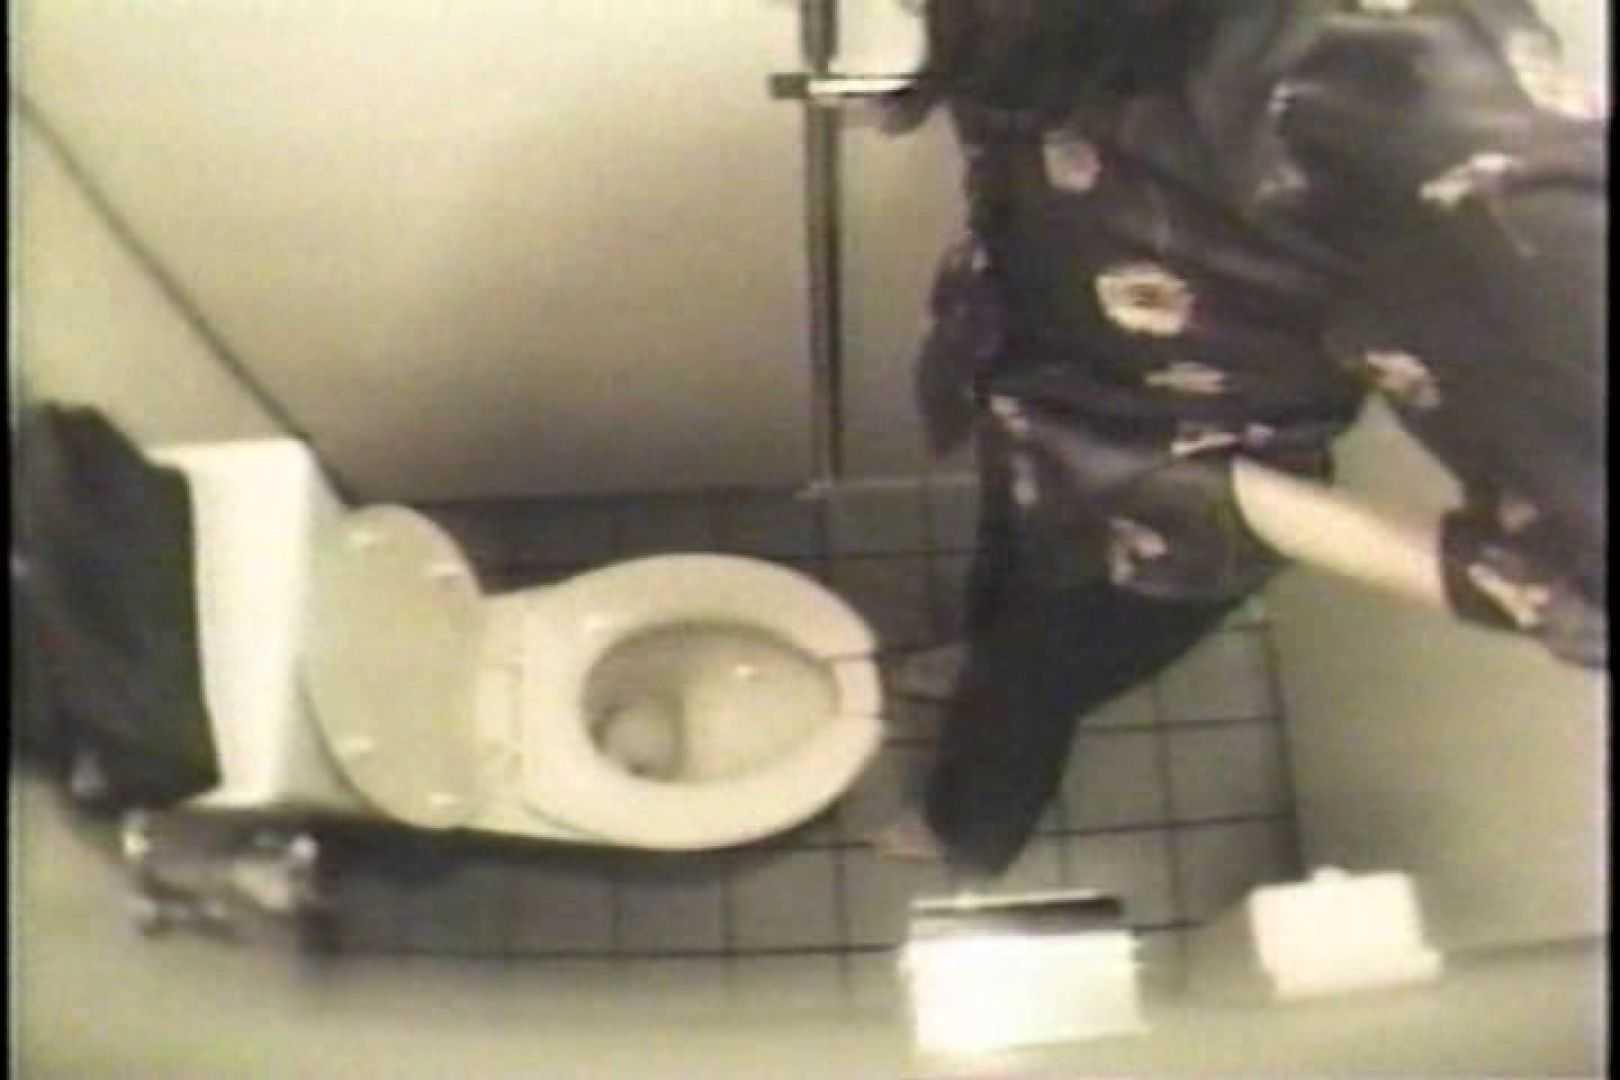 盗撮 女子洗面所3ヶ所入ってしゃがんで音出して プライベート   和式  109連発 89